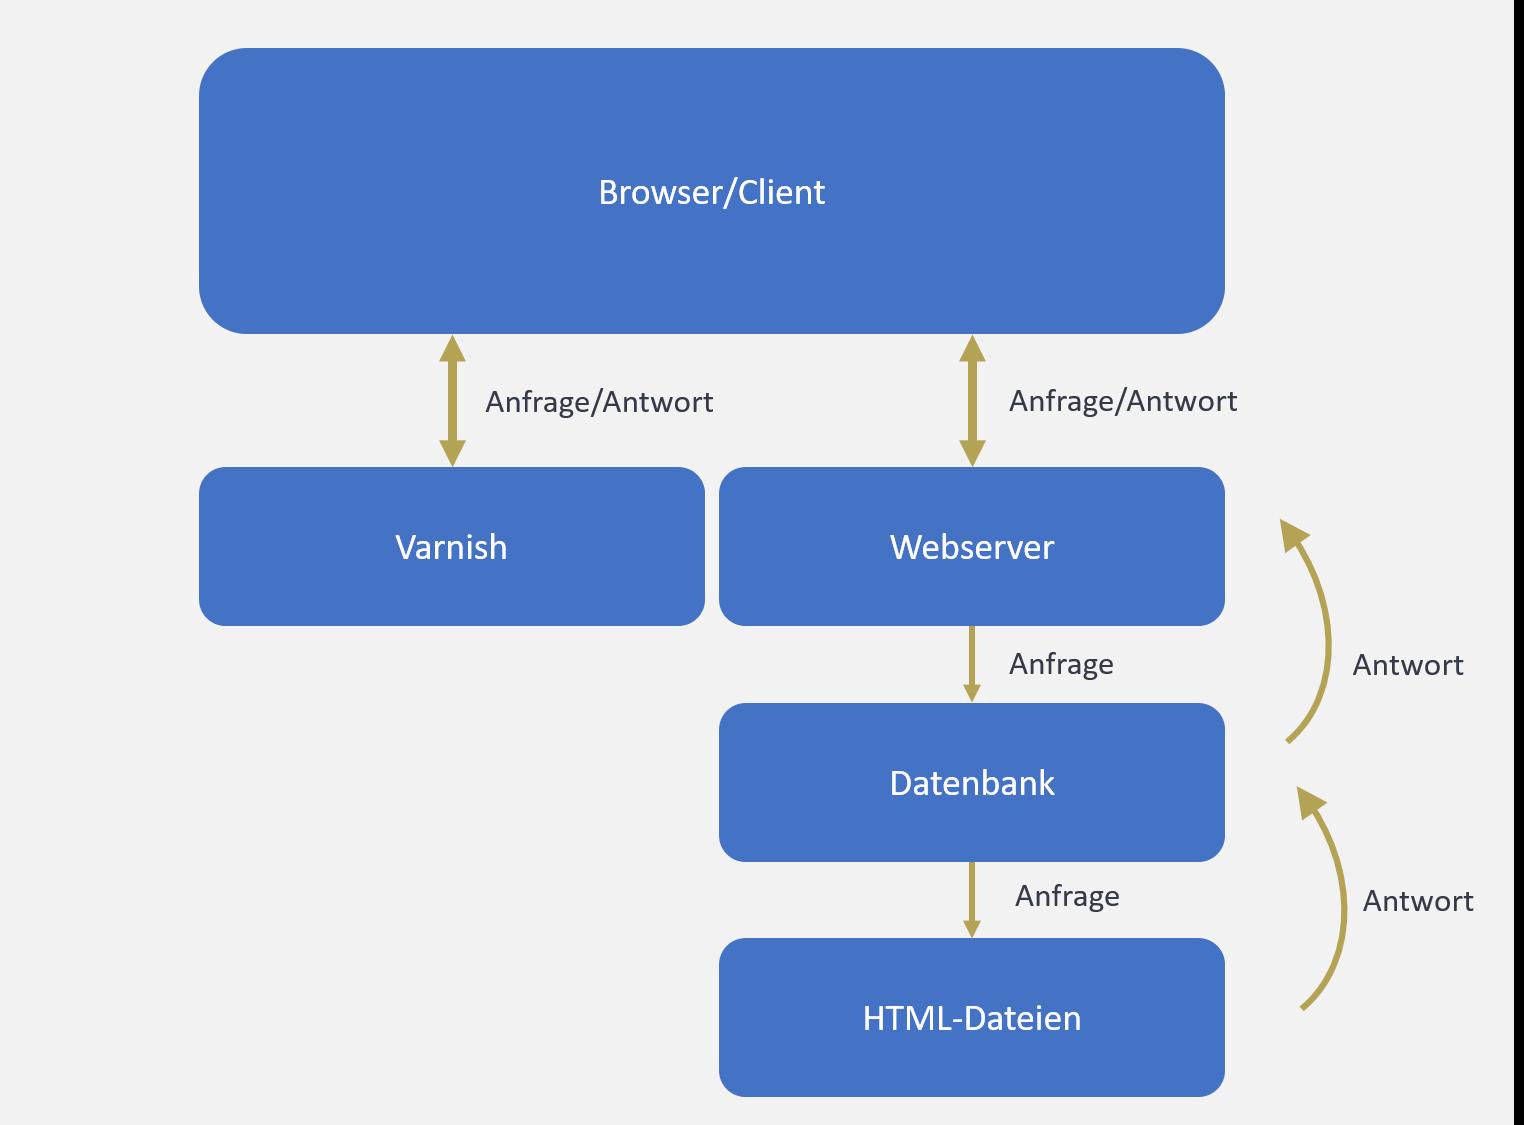 Die Nutzung eines Varnish Cache ist ein guter Hebel zur WordPress Ladezeitenoptimierung. Hierbei werden wichtige Daten im Arbeitsspeicher eines Servers gespeichert und bei Bedarf schnell abgerufen.